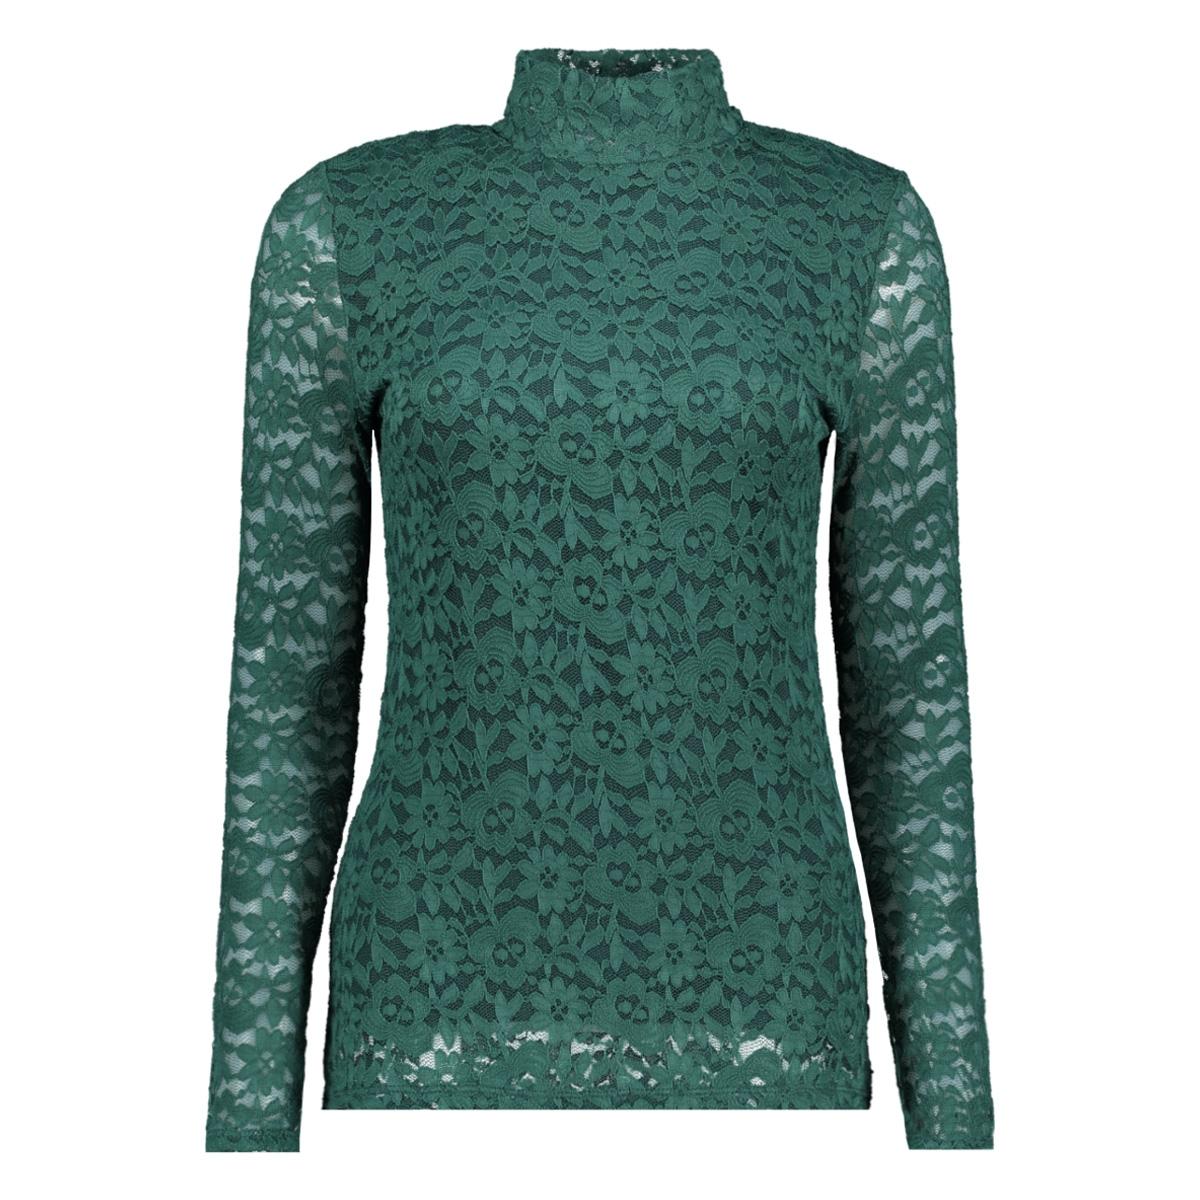 8355 lexi top luba t-shirt groen